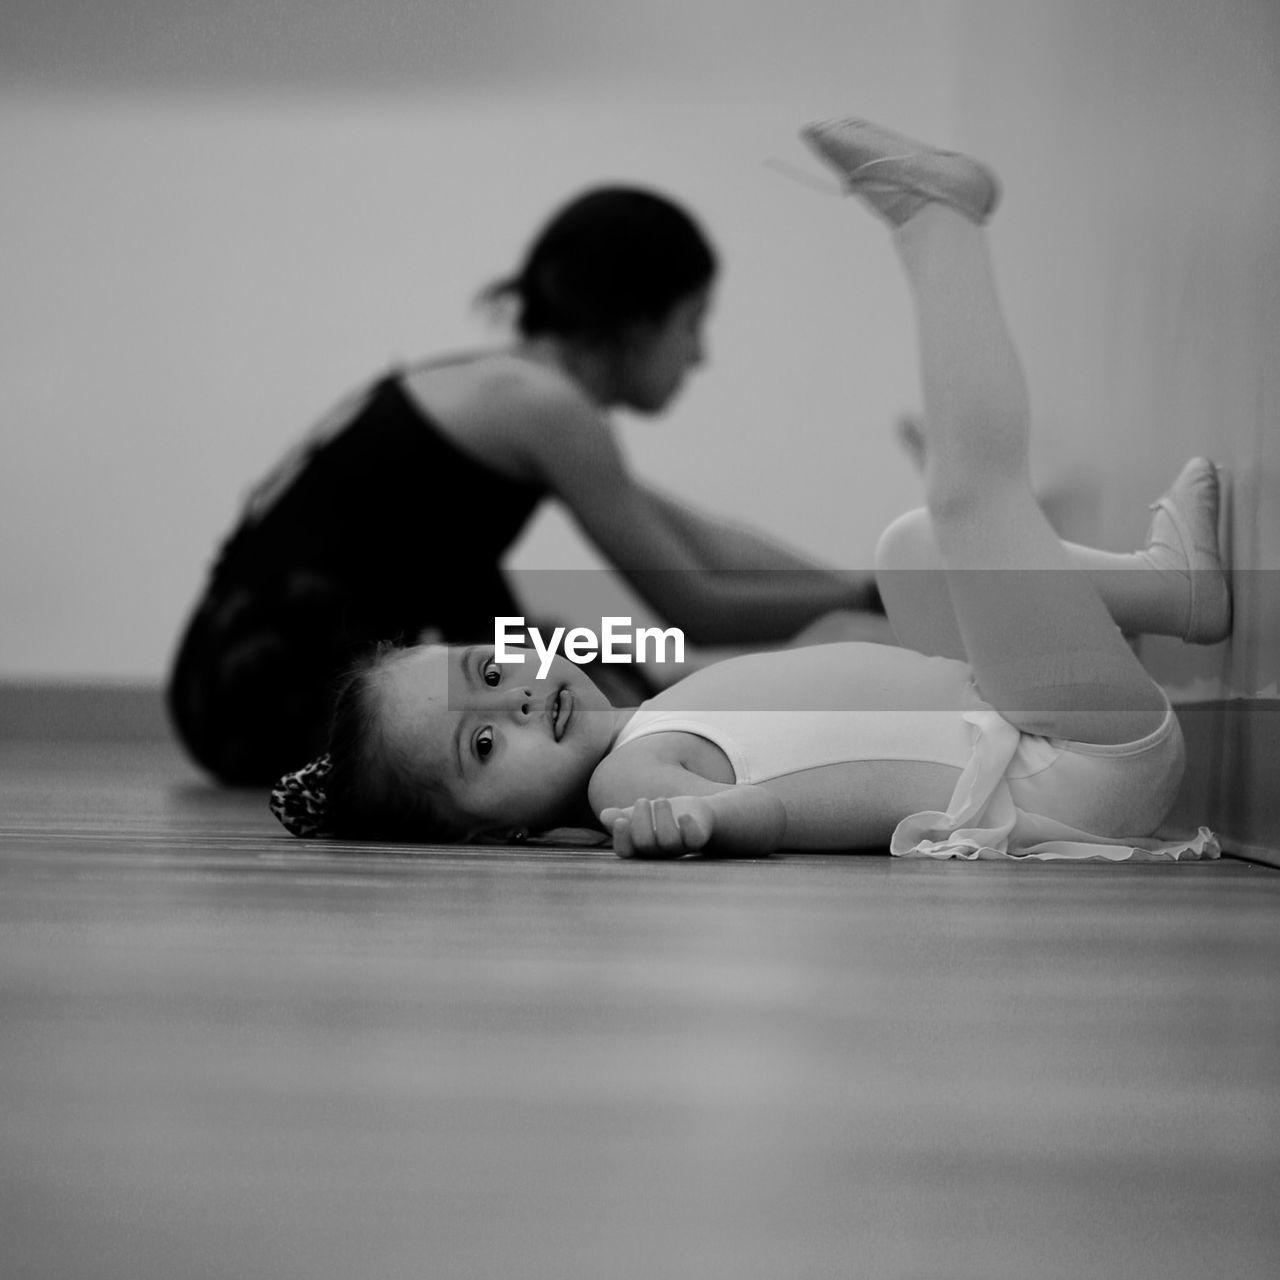 Portrait Of A Girl In Ballet School